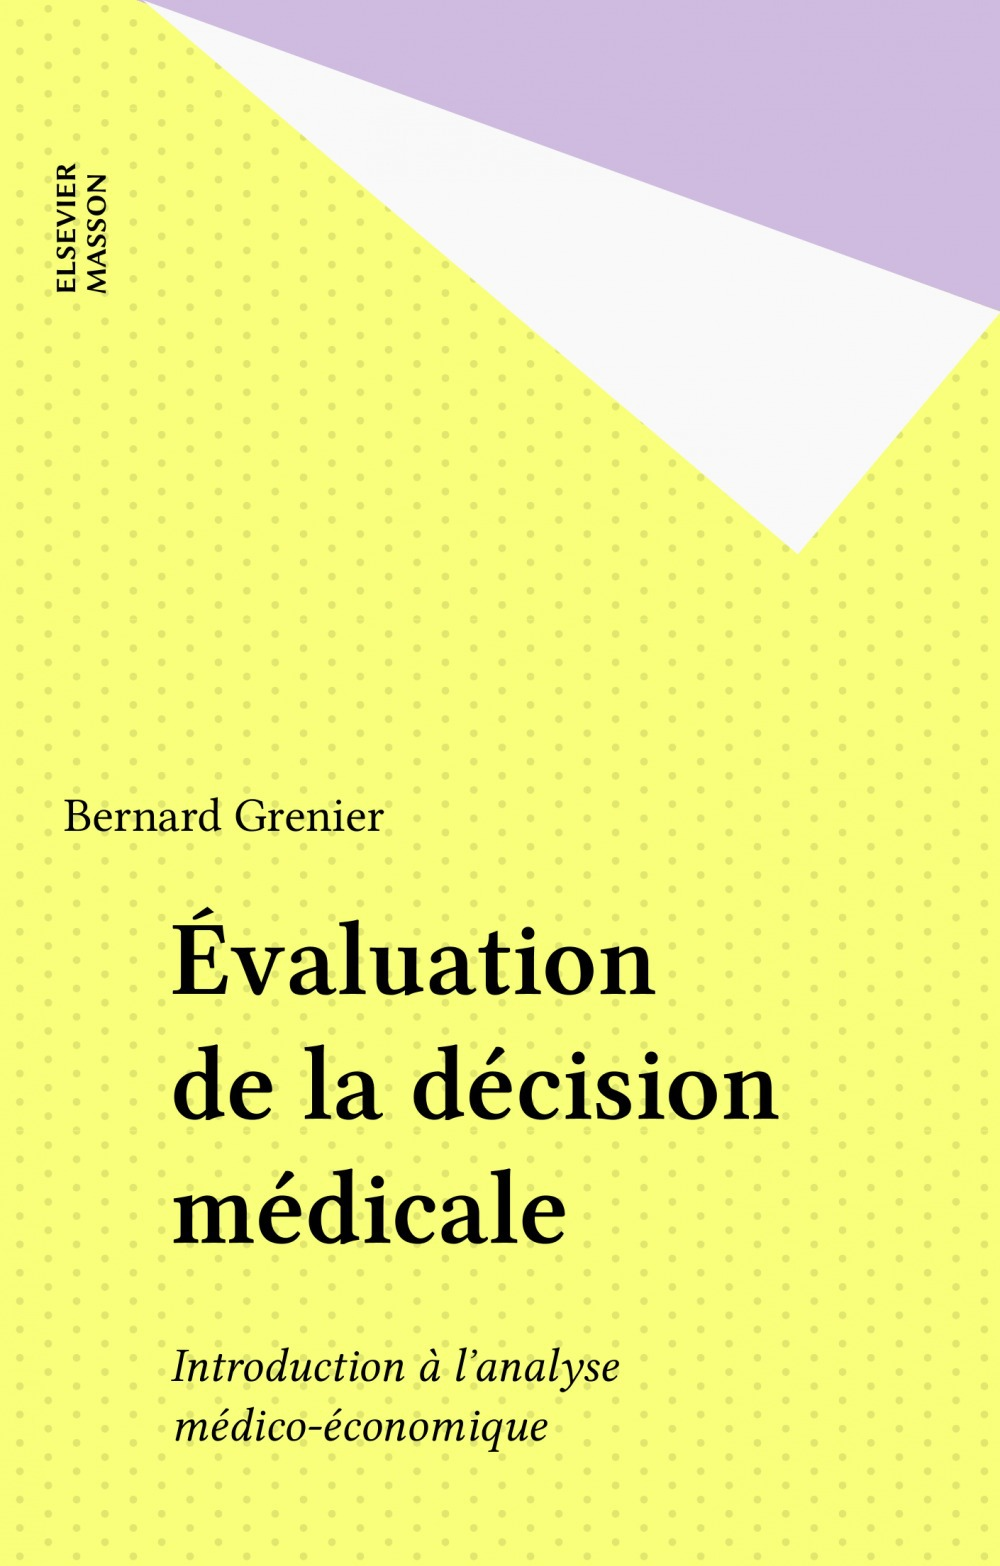 Evaluation de la decision medicale ; introduction a l'analyse medico-economique